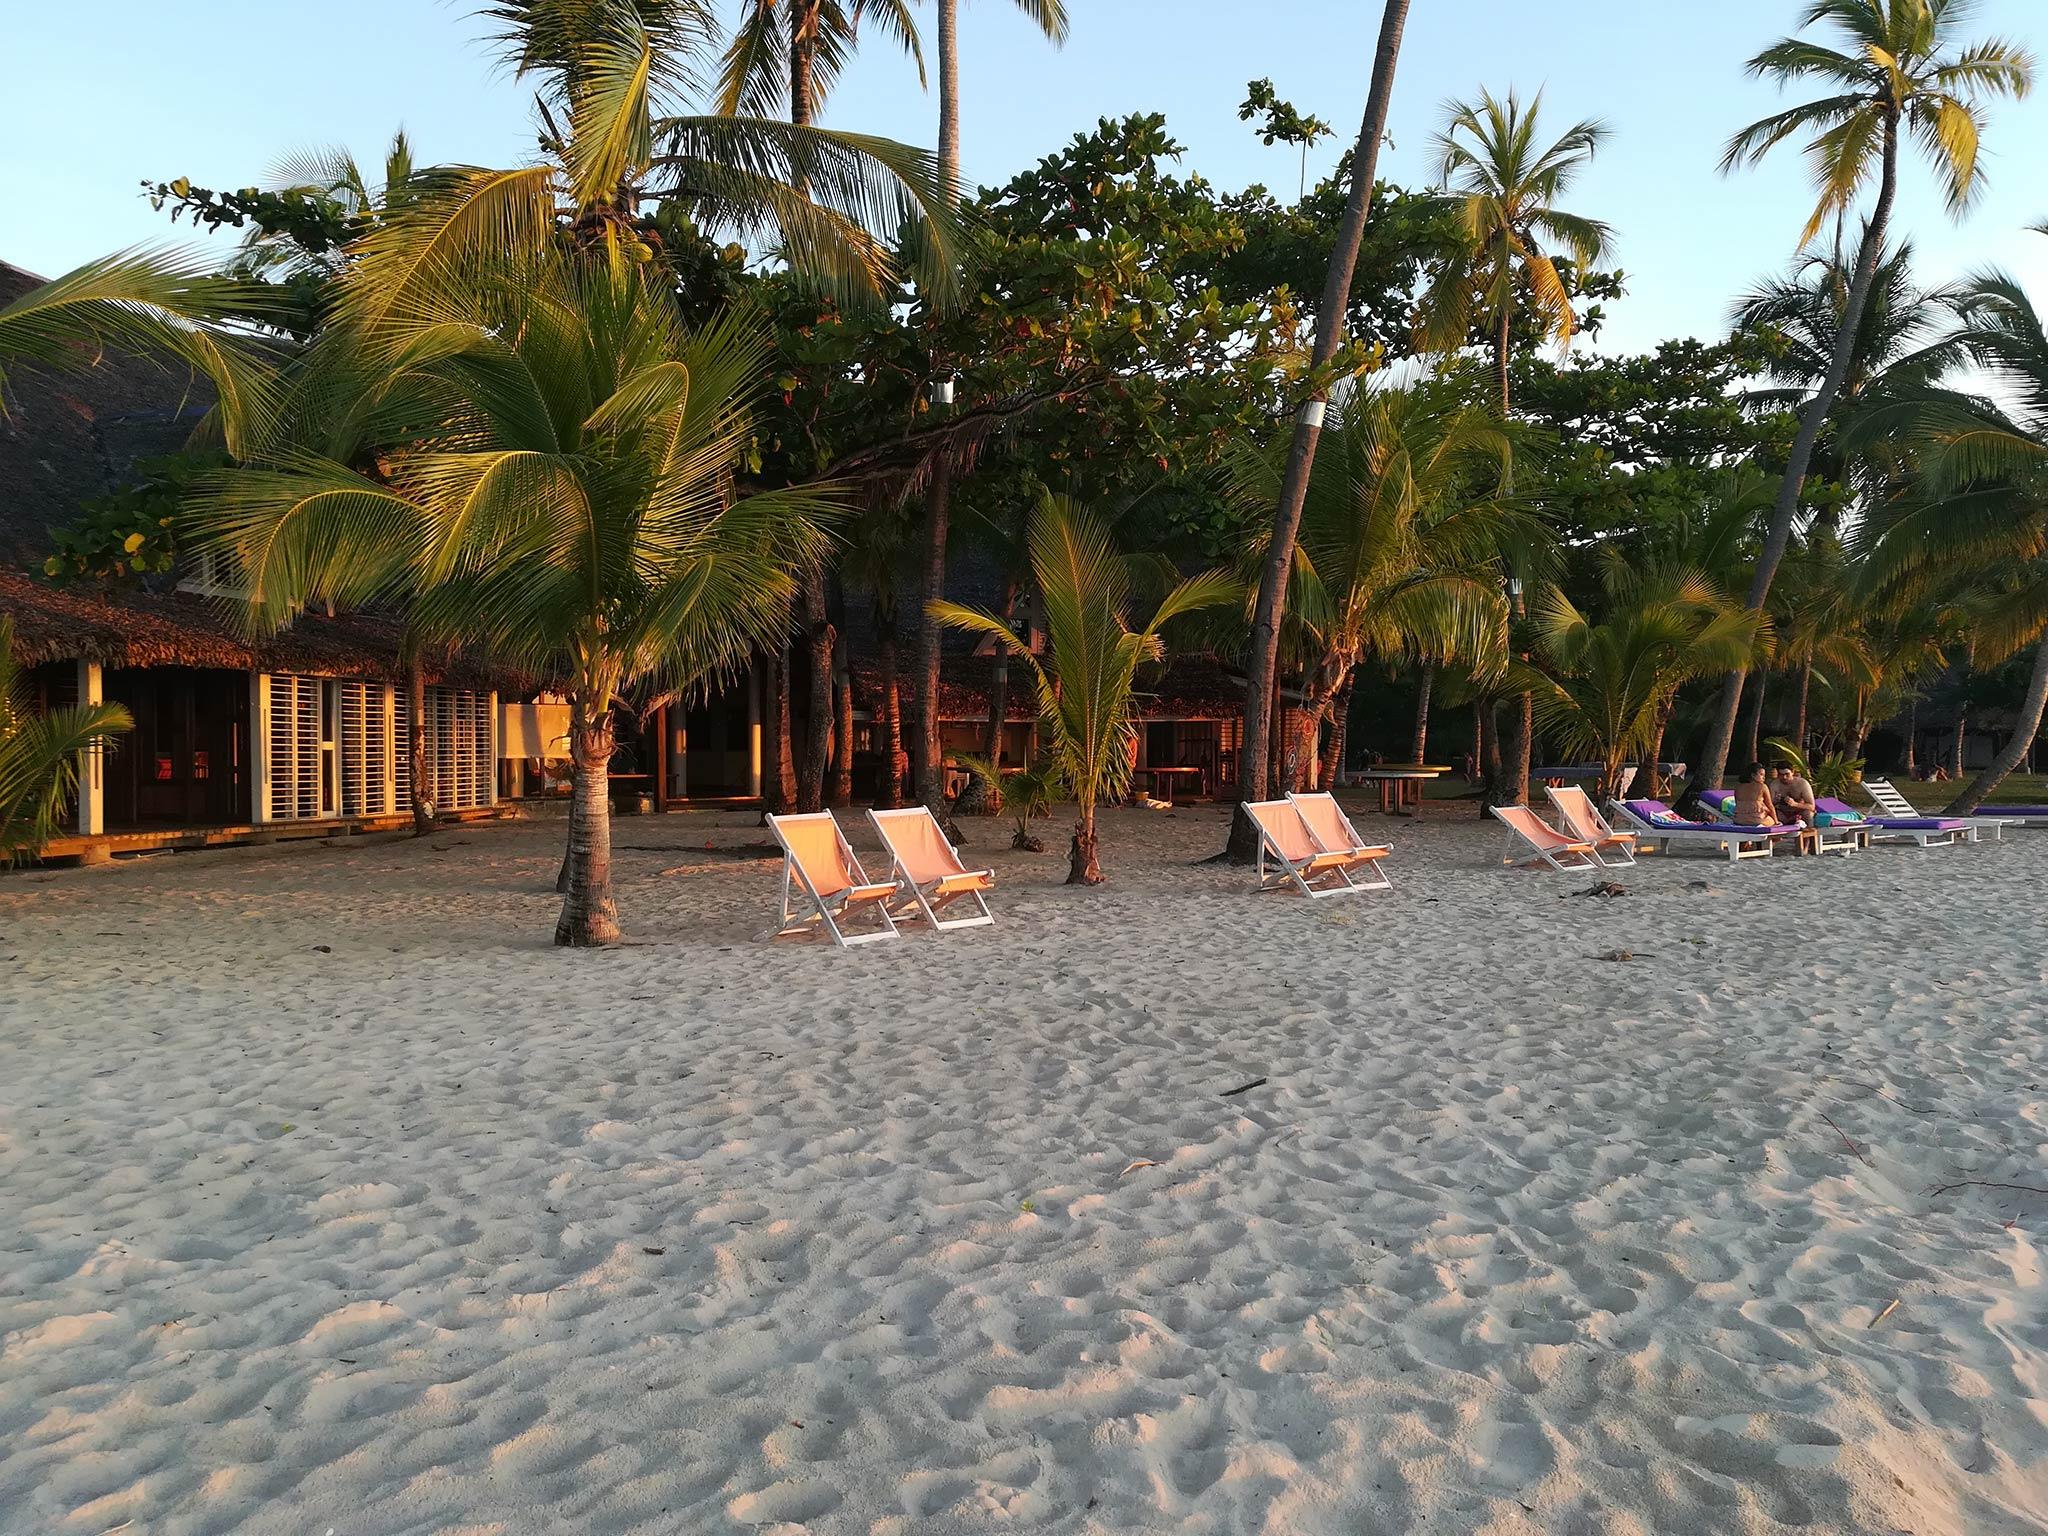 Verbringen Sie den ganzen Tag am Strand und genieen Sie die angebotenen Annehmlichkeiten